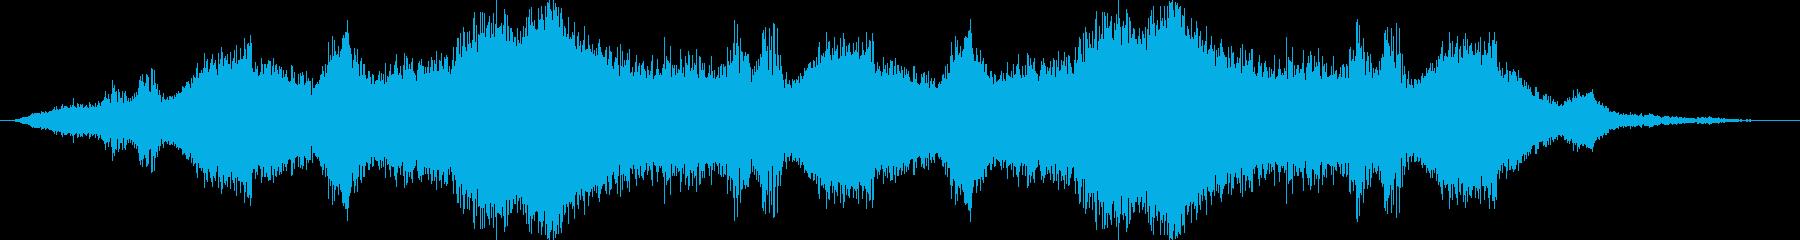 ドローン ドップラー風01の再生済みの波形